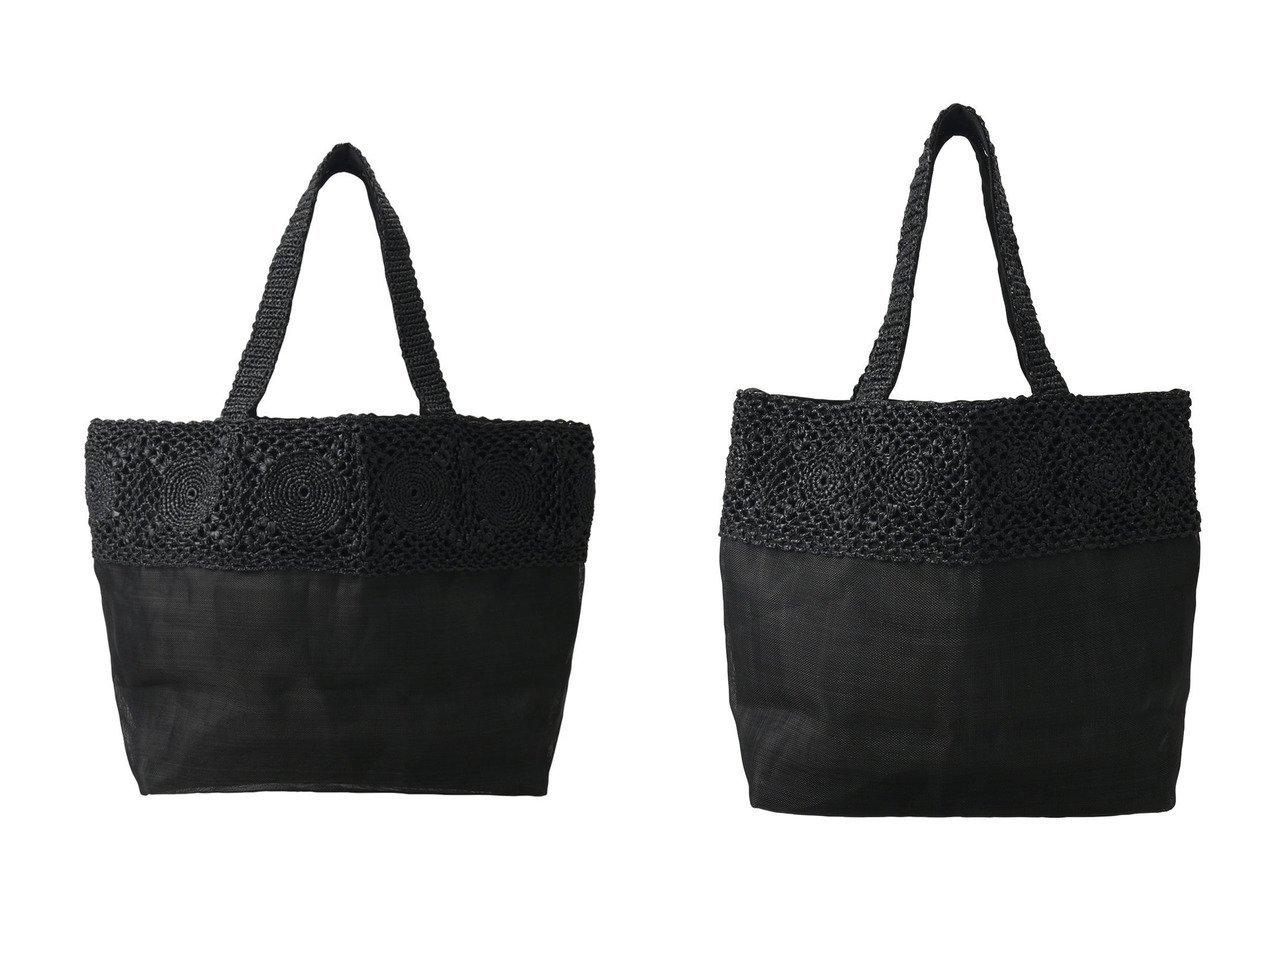 【PLAIN PEOPLE/プレインピープル】の【SMATERIA】トートバッグ&【SMATERIA】トートバッグ 【バッグ・鞄】おすすめ!人気、トレンド・レディースファッションの通販 おすすめで人気の流行・トレンド、ファッションの通販商品 インテリア・家具・メンズファッション・キッズファッション・レディースファッション・服の通販 founy(ファニー) https://founy.com/ ファッション Fashion レディースファッション WOMEN バッグ Bag トラベル フォルム フォーマル  ID:crp329100000047564